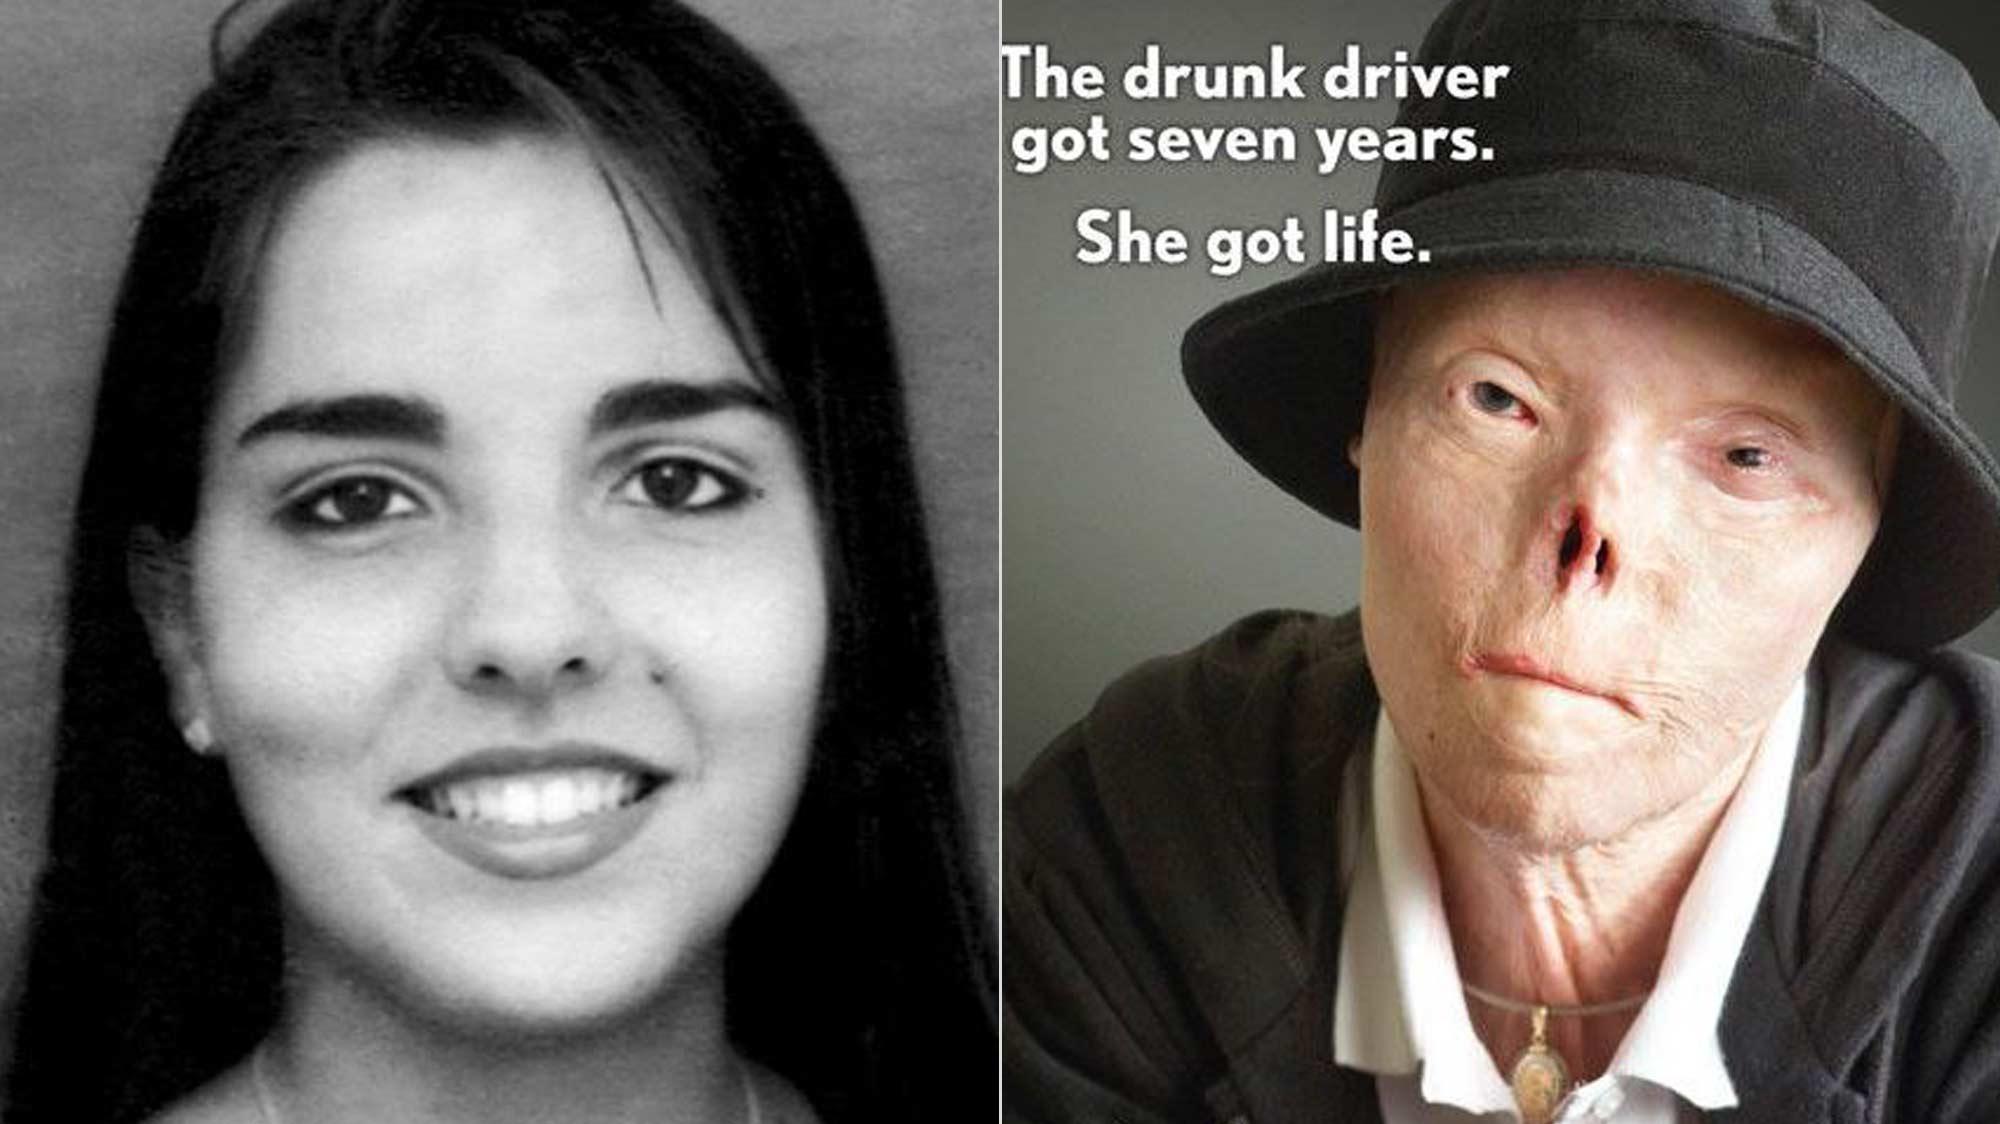 Addio a Jacqui Saburido, testimonial della campagna contro l'alcol alla guida